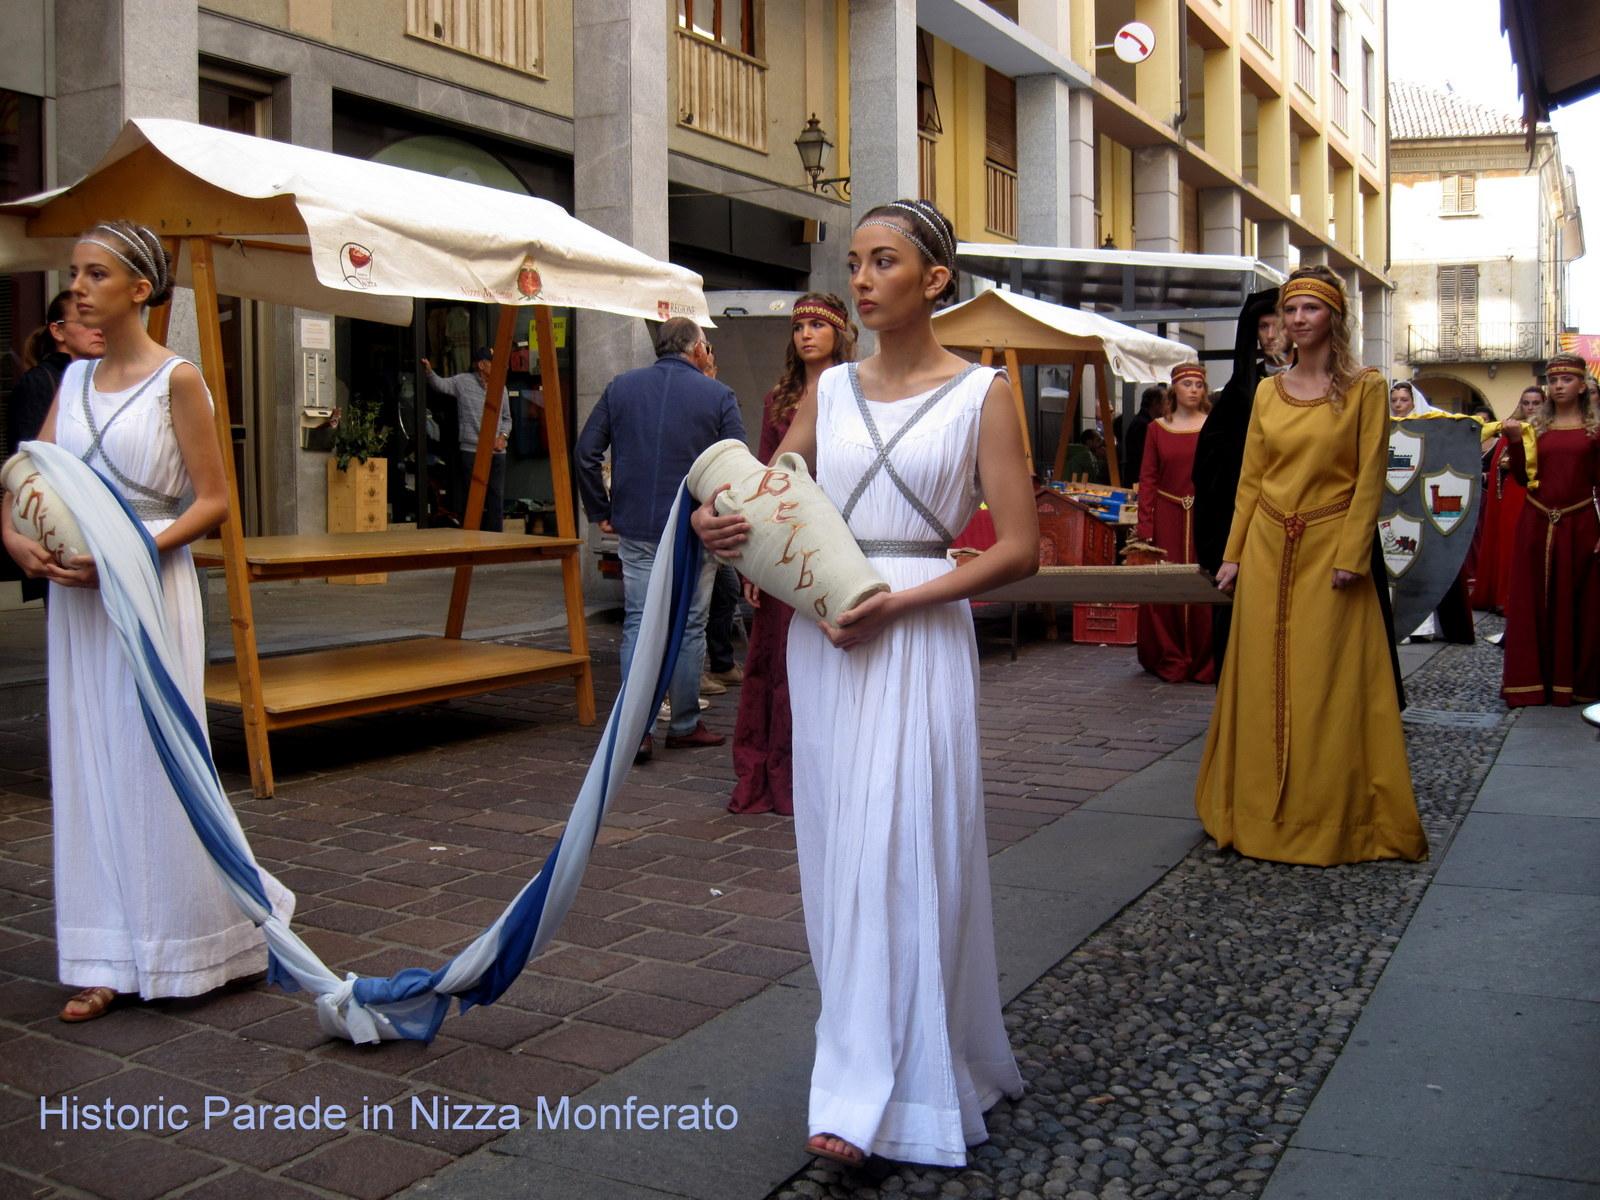 Historical Parade Nizza Monferato